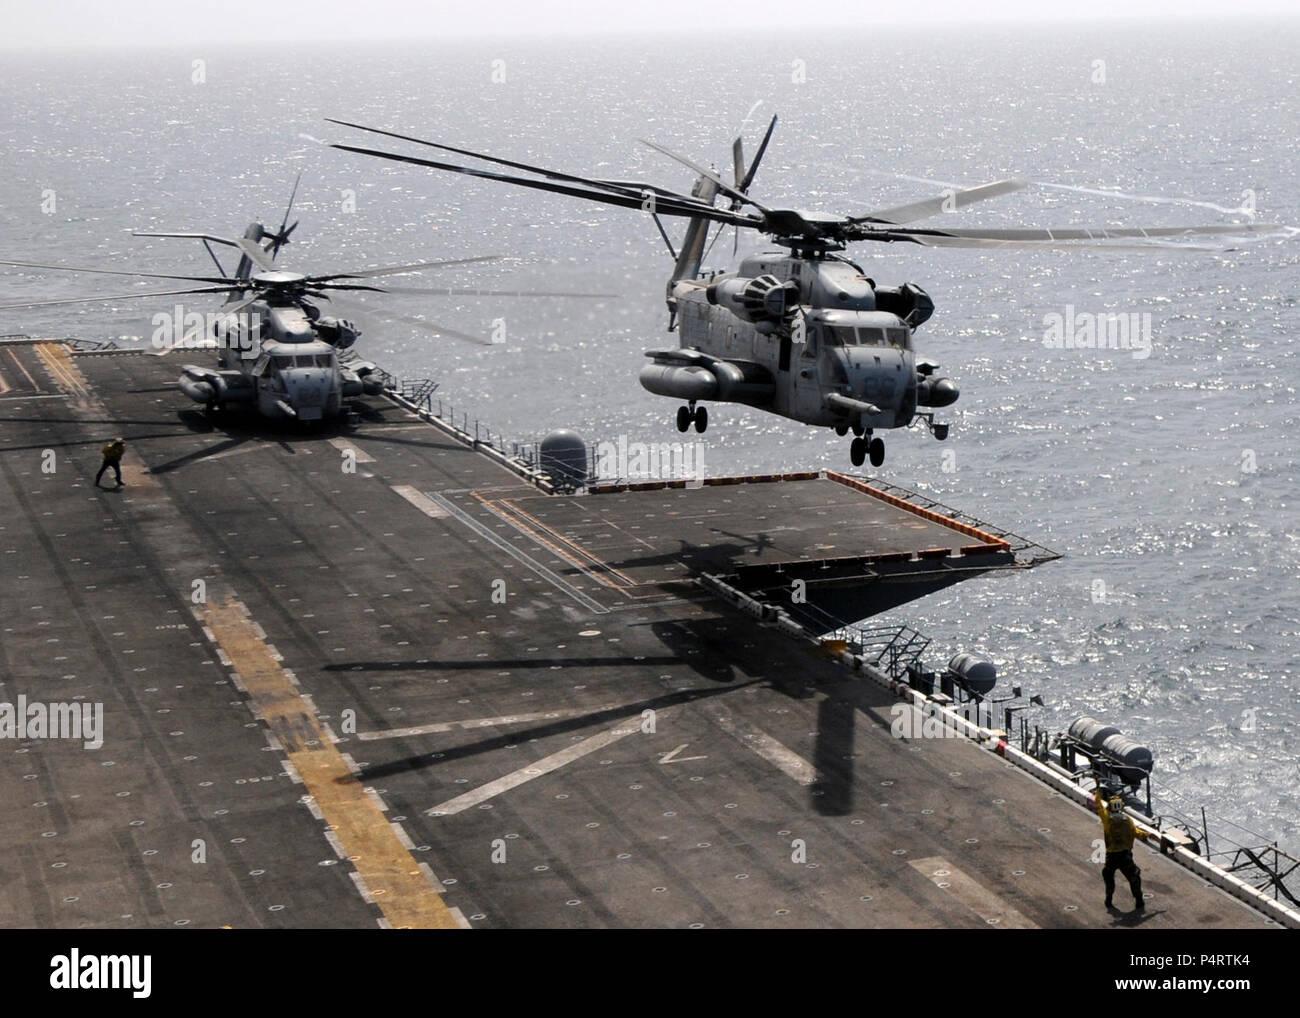 Ein U.S. Marine Corps CH-53E Super Stallion Helikopter Hubschrauber Marine Medium Squadron (HMM) 165 zugewiesen ist, auf dem Flugdeck der USS Peleliu (LHA 5) mit Marines an Bord, die Hochwasserkatastrophe in Pakistan 12.08.2010 unterstützen wird, in das Arabische Meer. Stockfoto